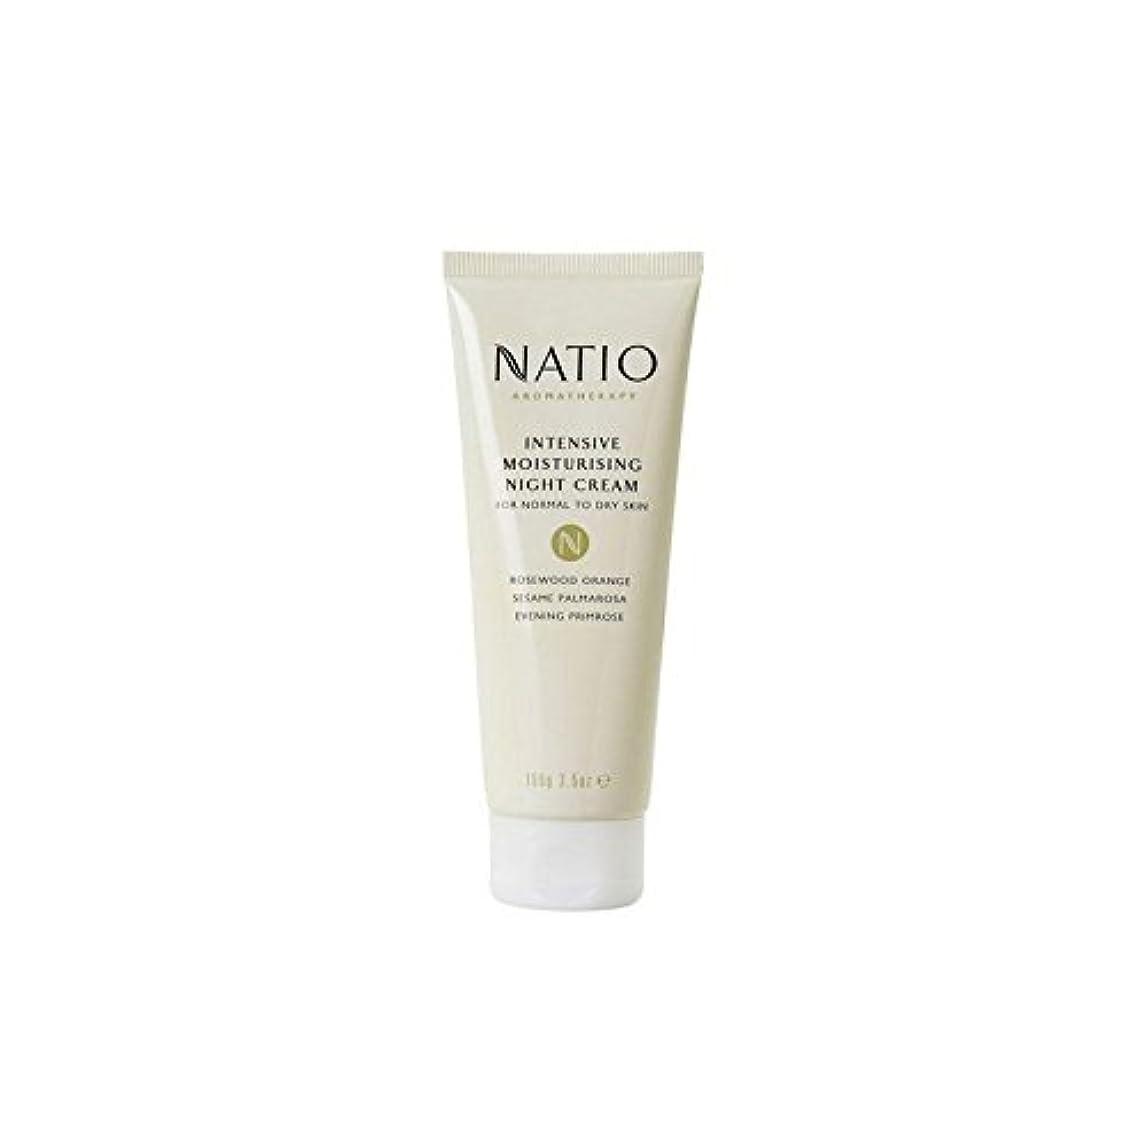 便宜立方体旅行代理店集中的な保湿ナイトクリーム(100グラム) x4 - Natio Intensive Moisturising Night Cream (100G) (Pack of 4) [並行輸入品]